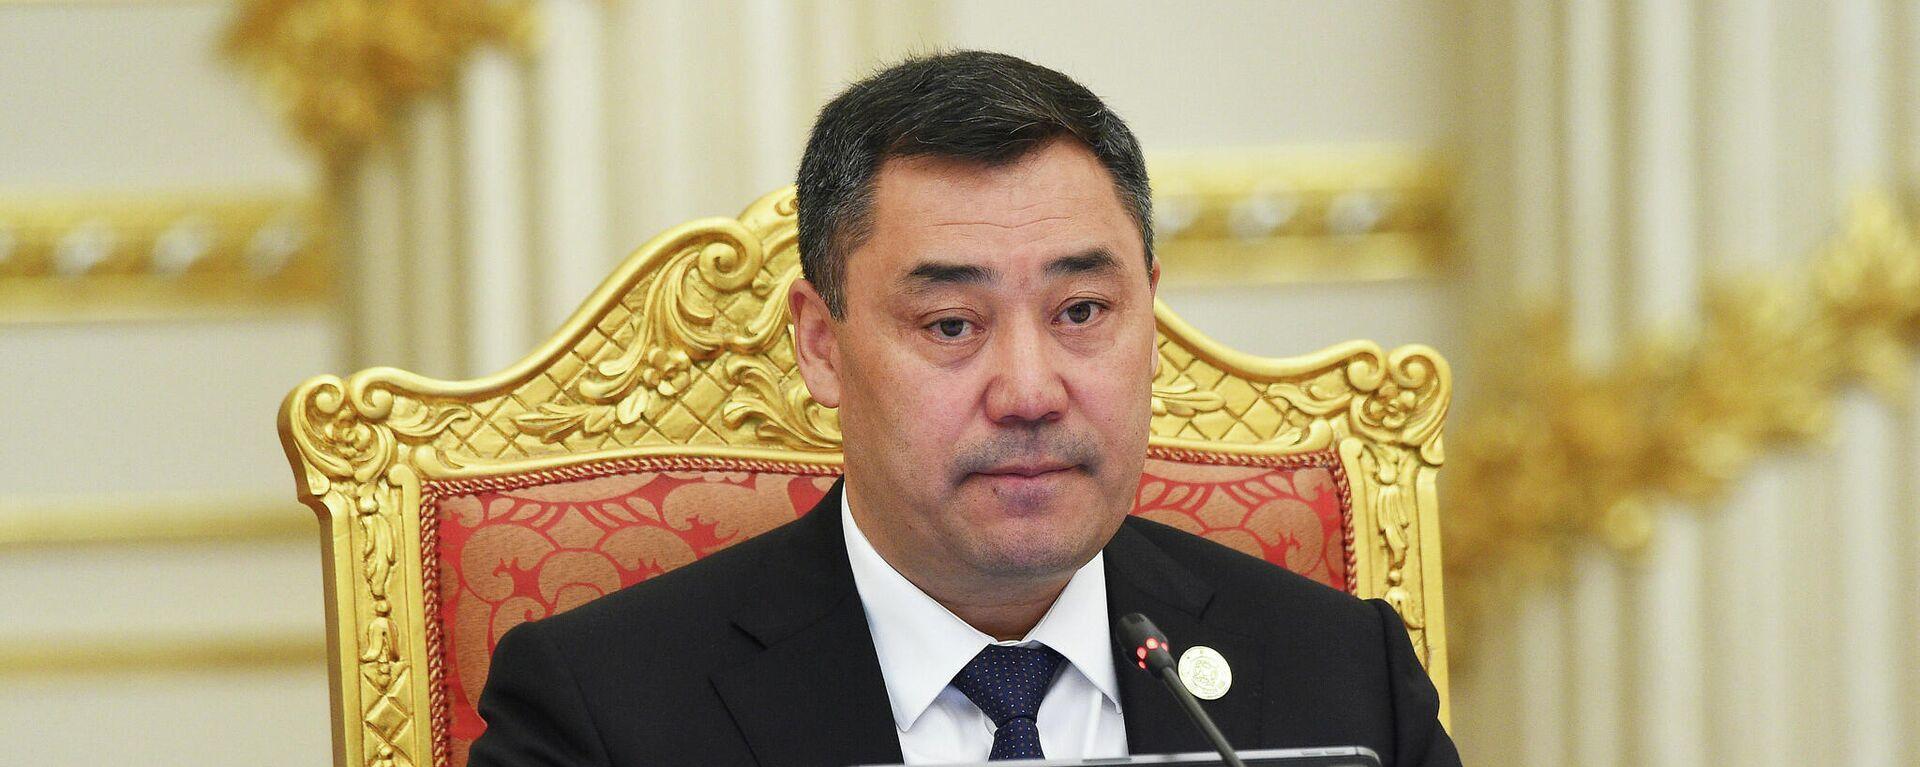 Президент Кыргызстана Садыр Жапаров - Sputnik Таджикистан, 1920, 17.09.2021